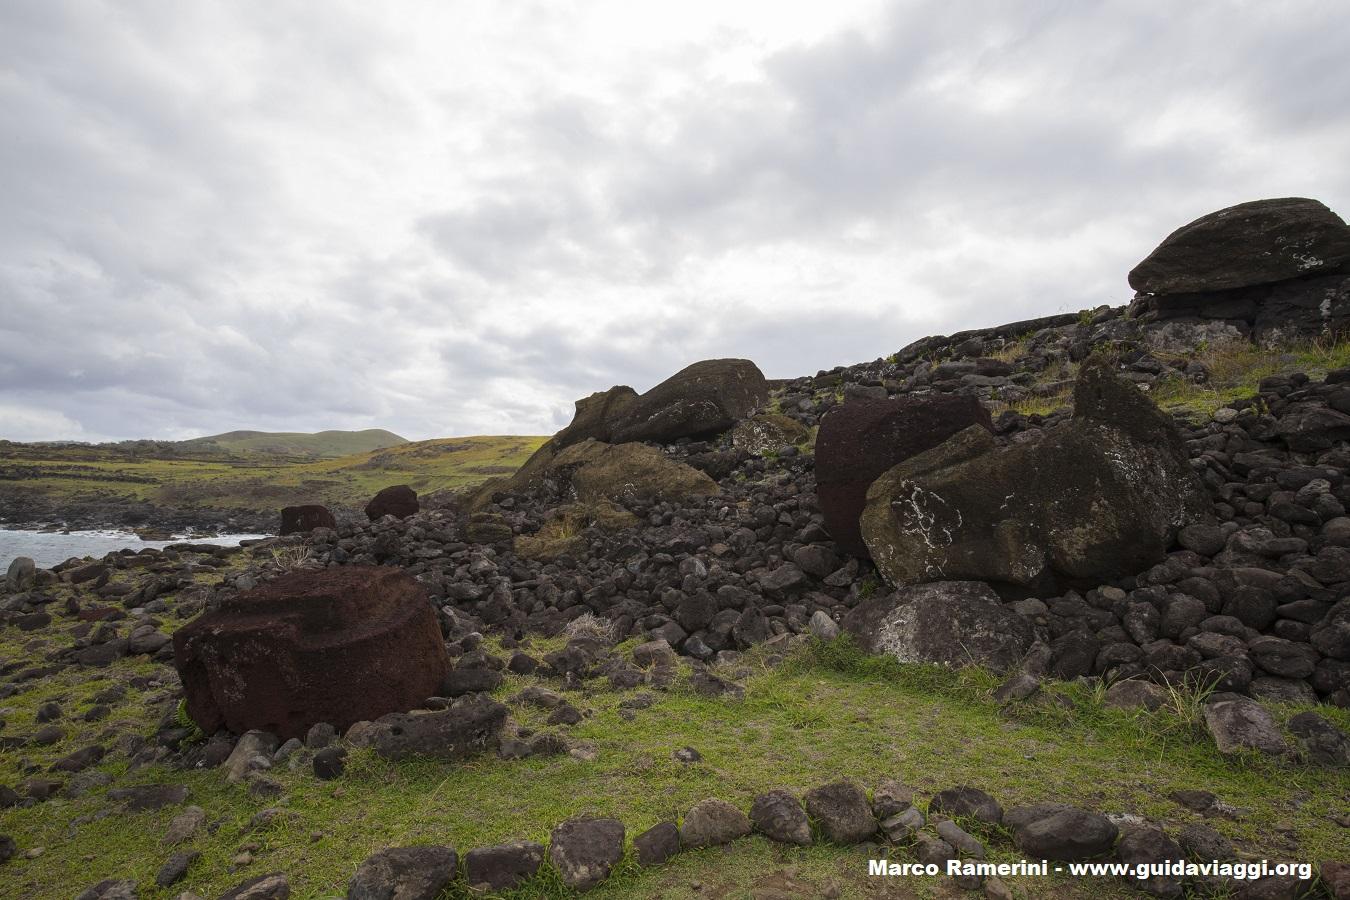 Ahu Akahanga, Île de Pâques, Chili. Auteur et Copyright Marco Ramerini